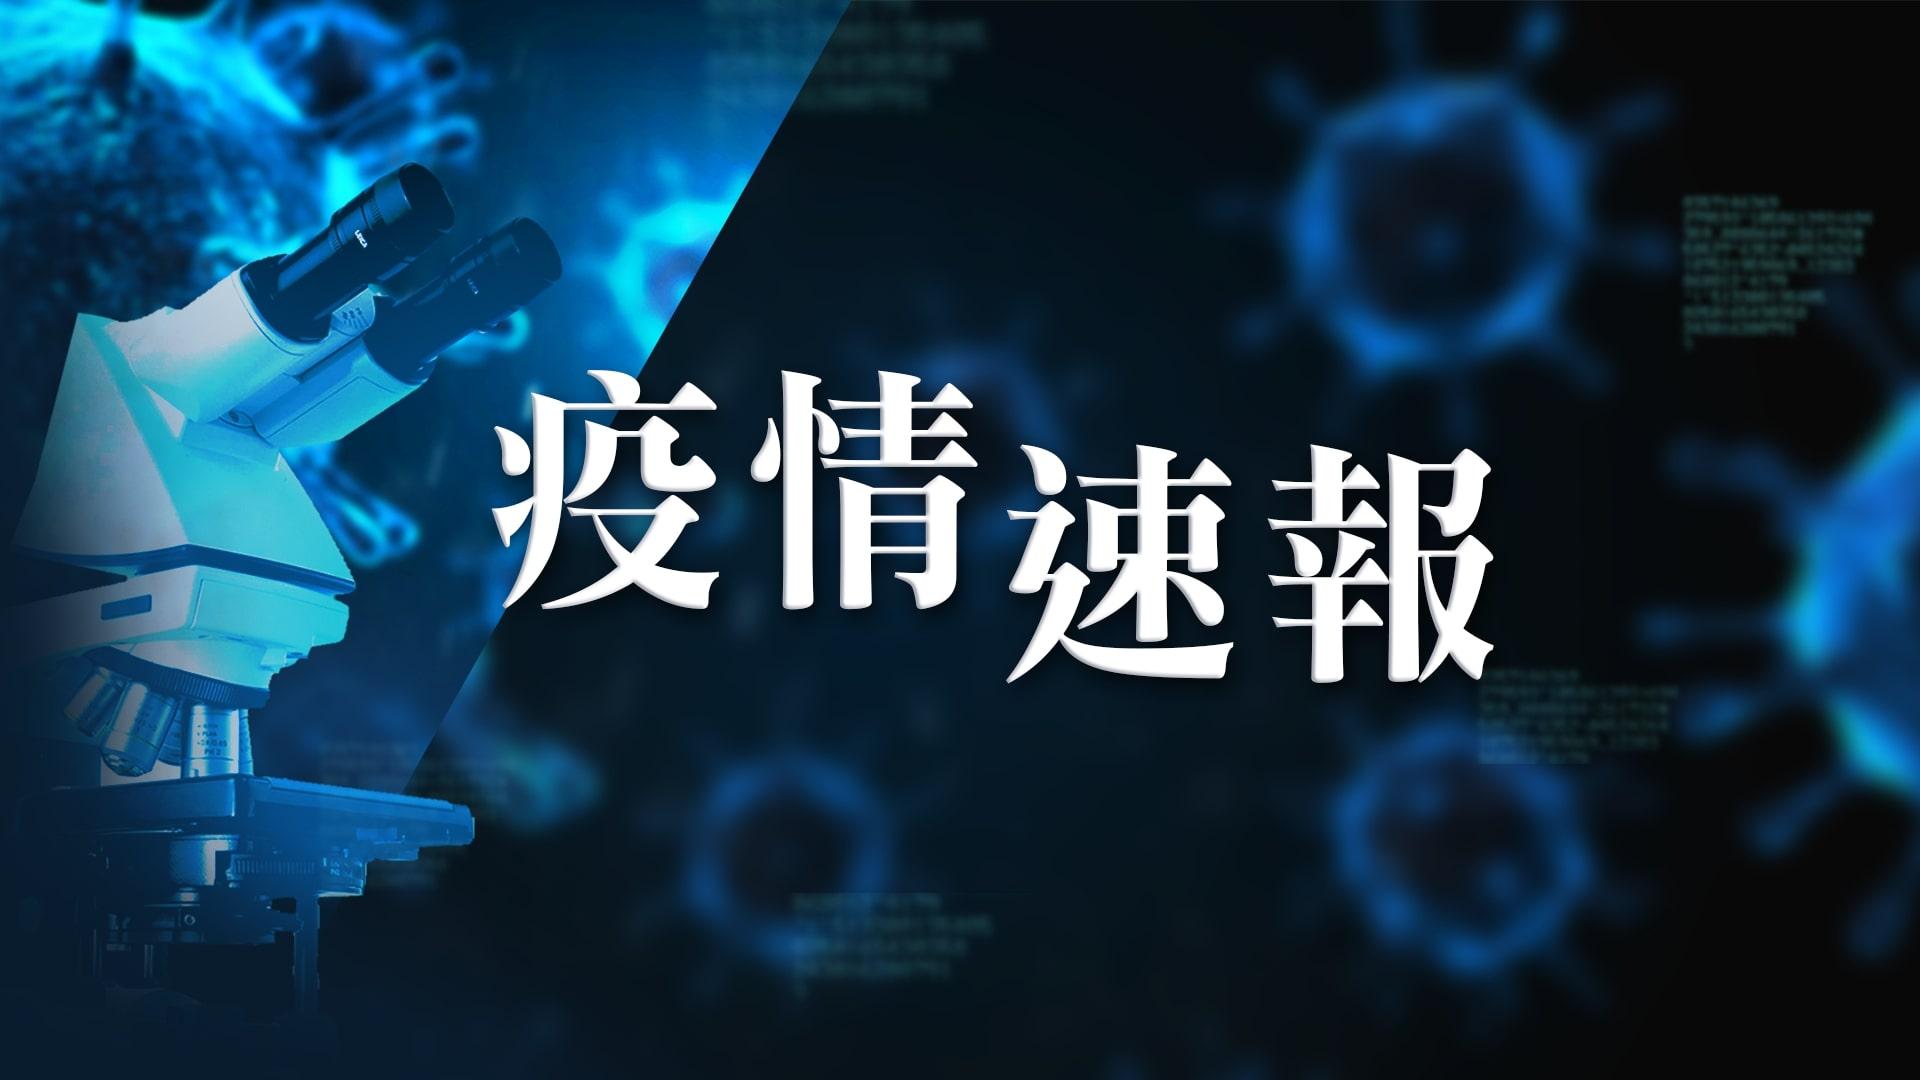 【6月20日疫情速報】(23:05)